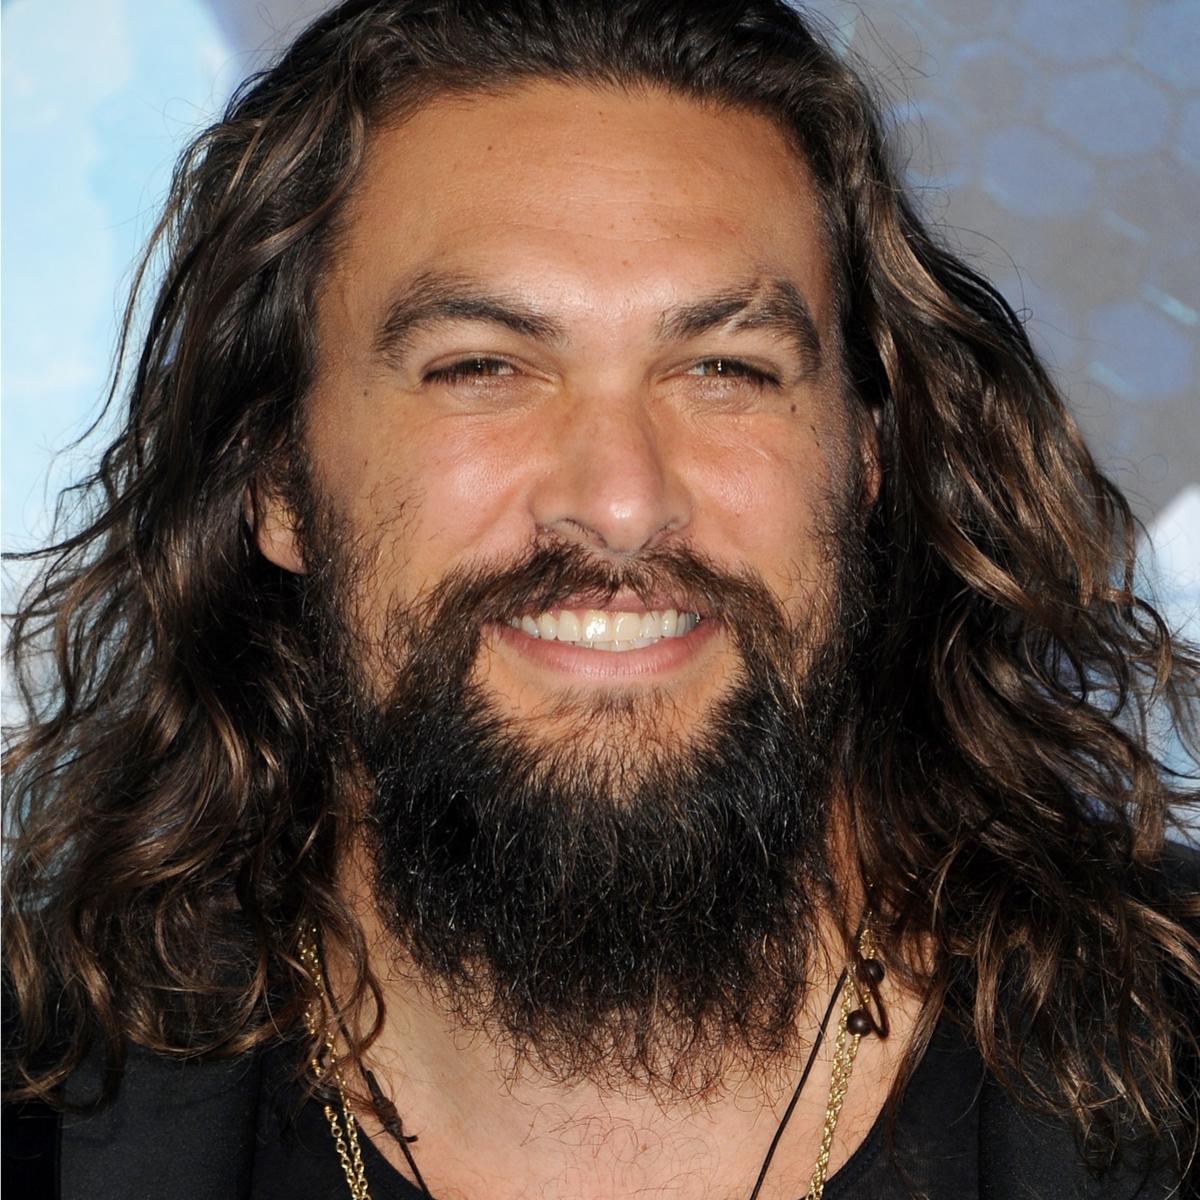 Jason Momoa Aquaman: Momoa Aquaman Jason Smiling